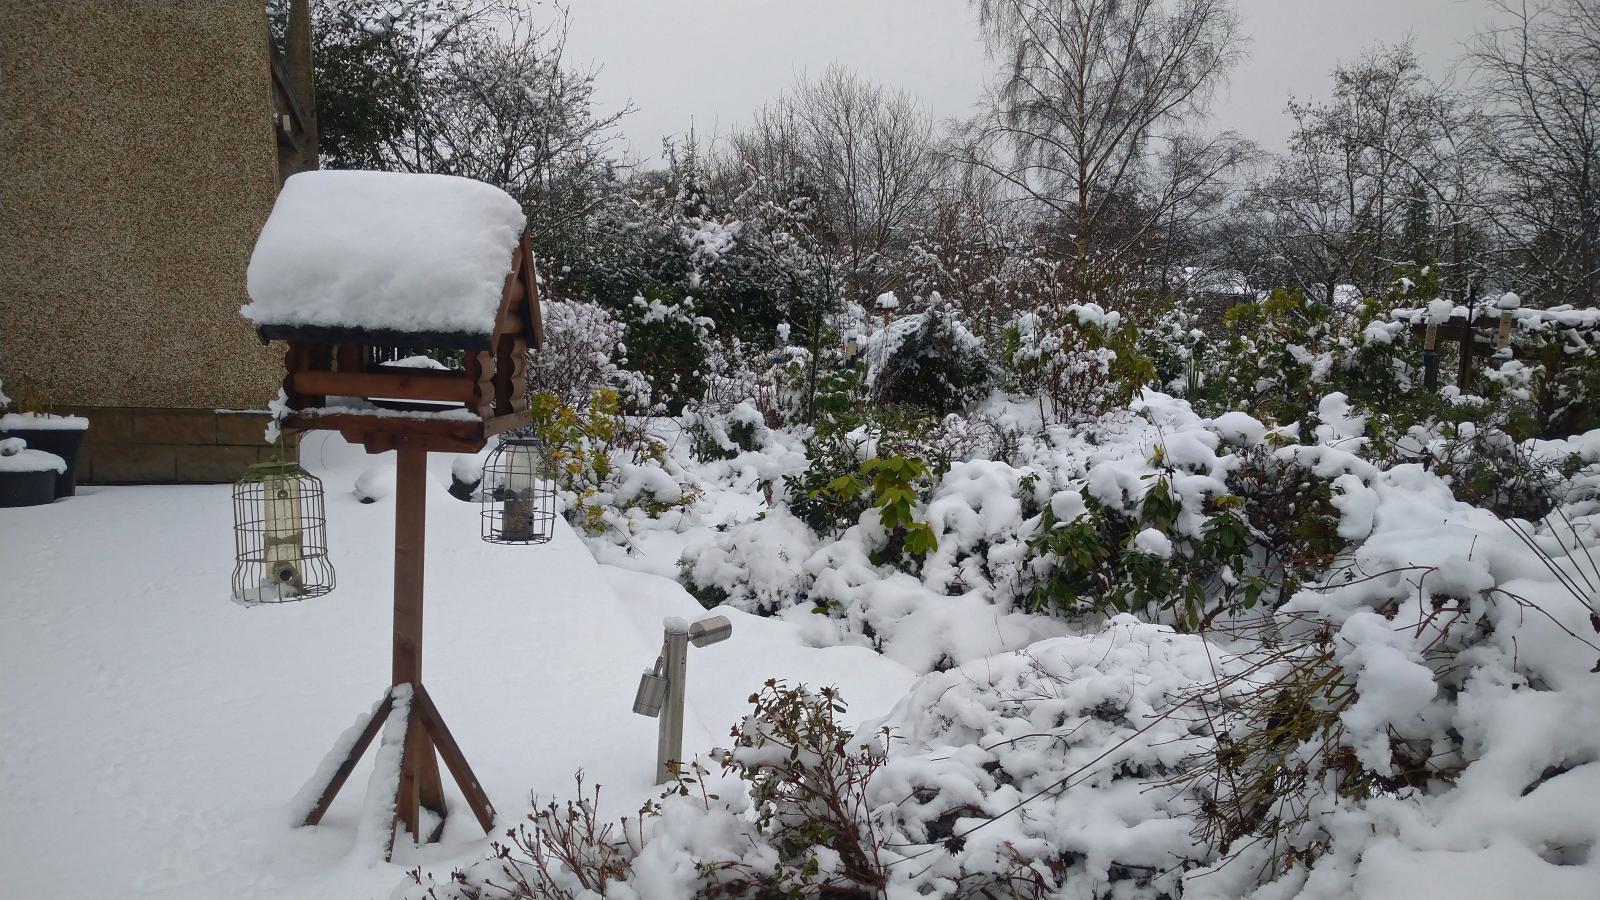 squirrel proof bird feeders in snow